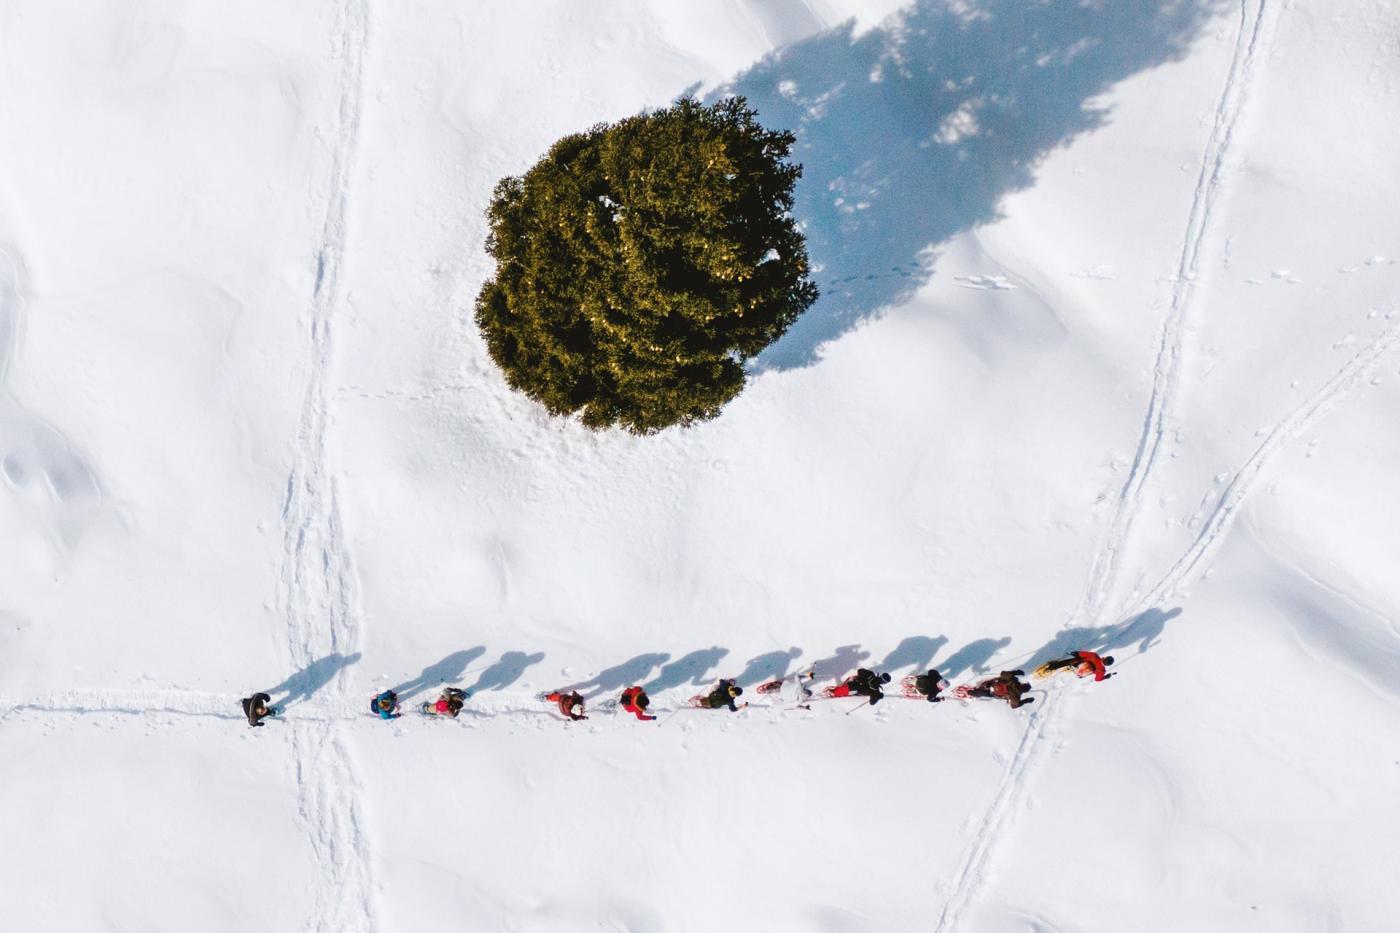 Schneeschuhwandern in Dolomiti Paganella: die fünf schönsten Touren